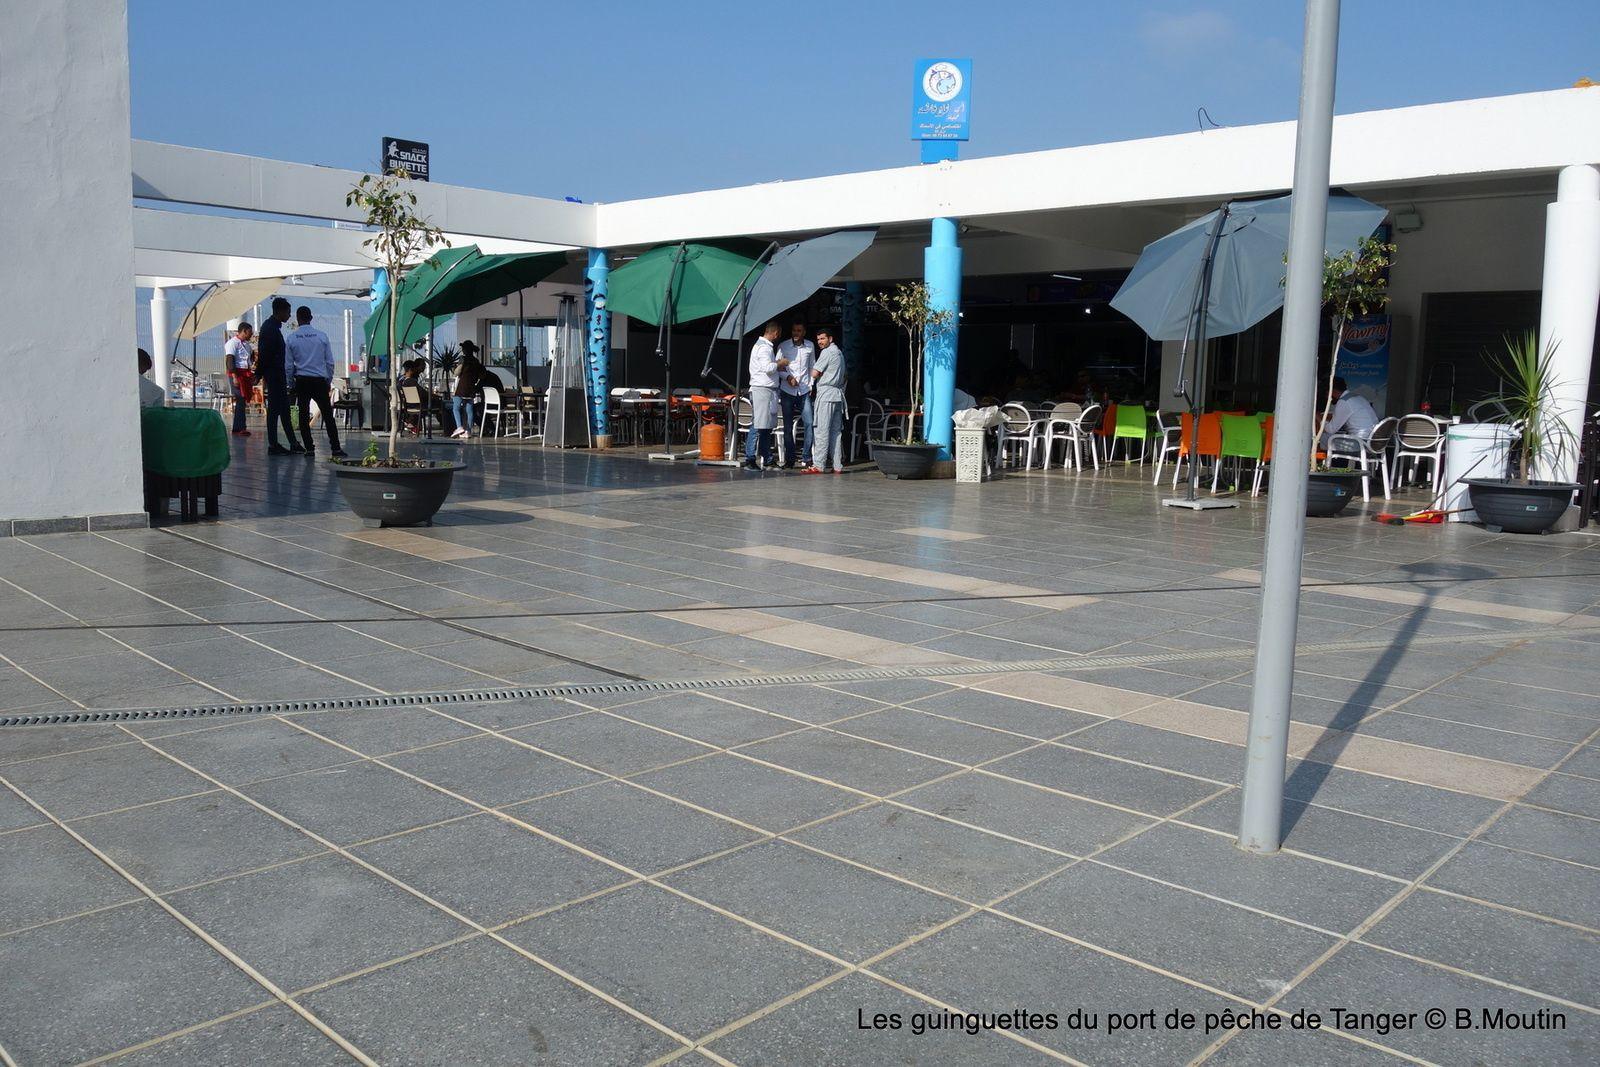 Quoi de neuf à Tanger : les guinguettes du Port de pêche (7 photos)